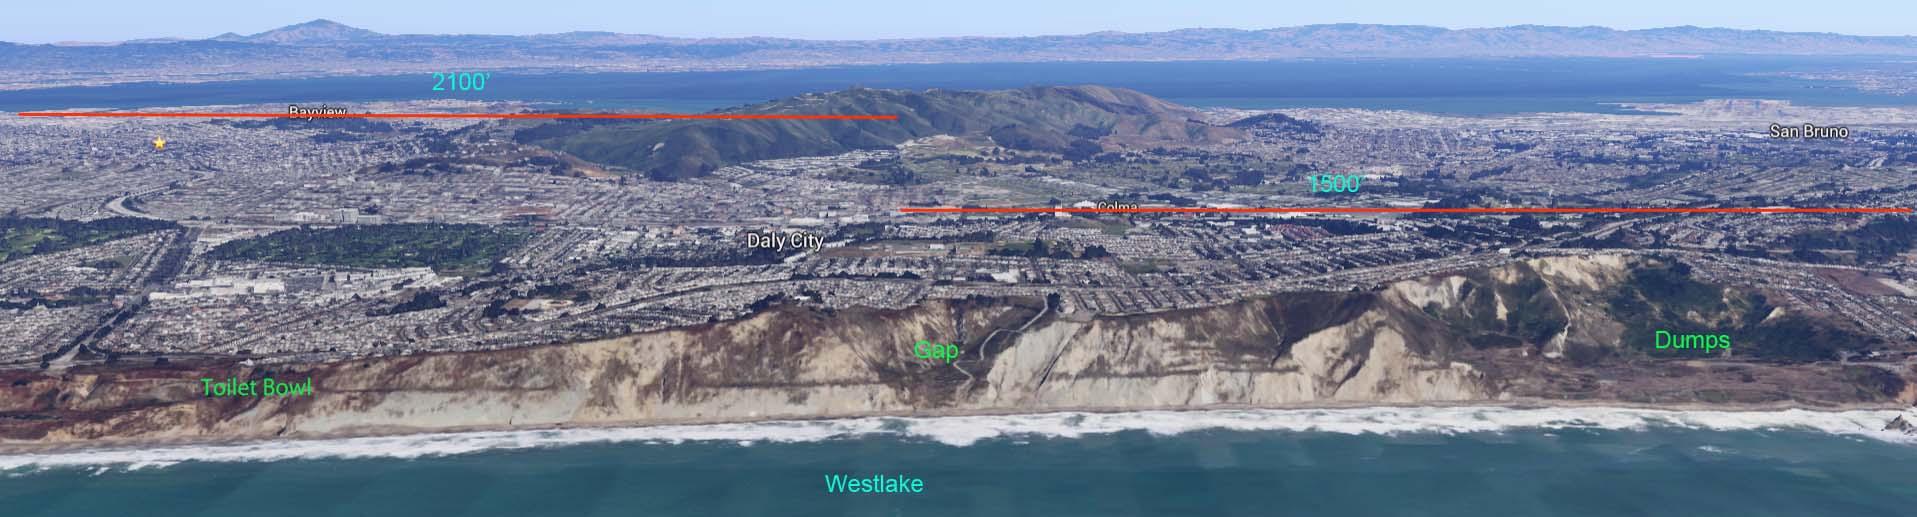 Westlake2